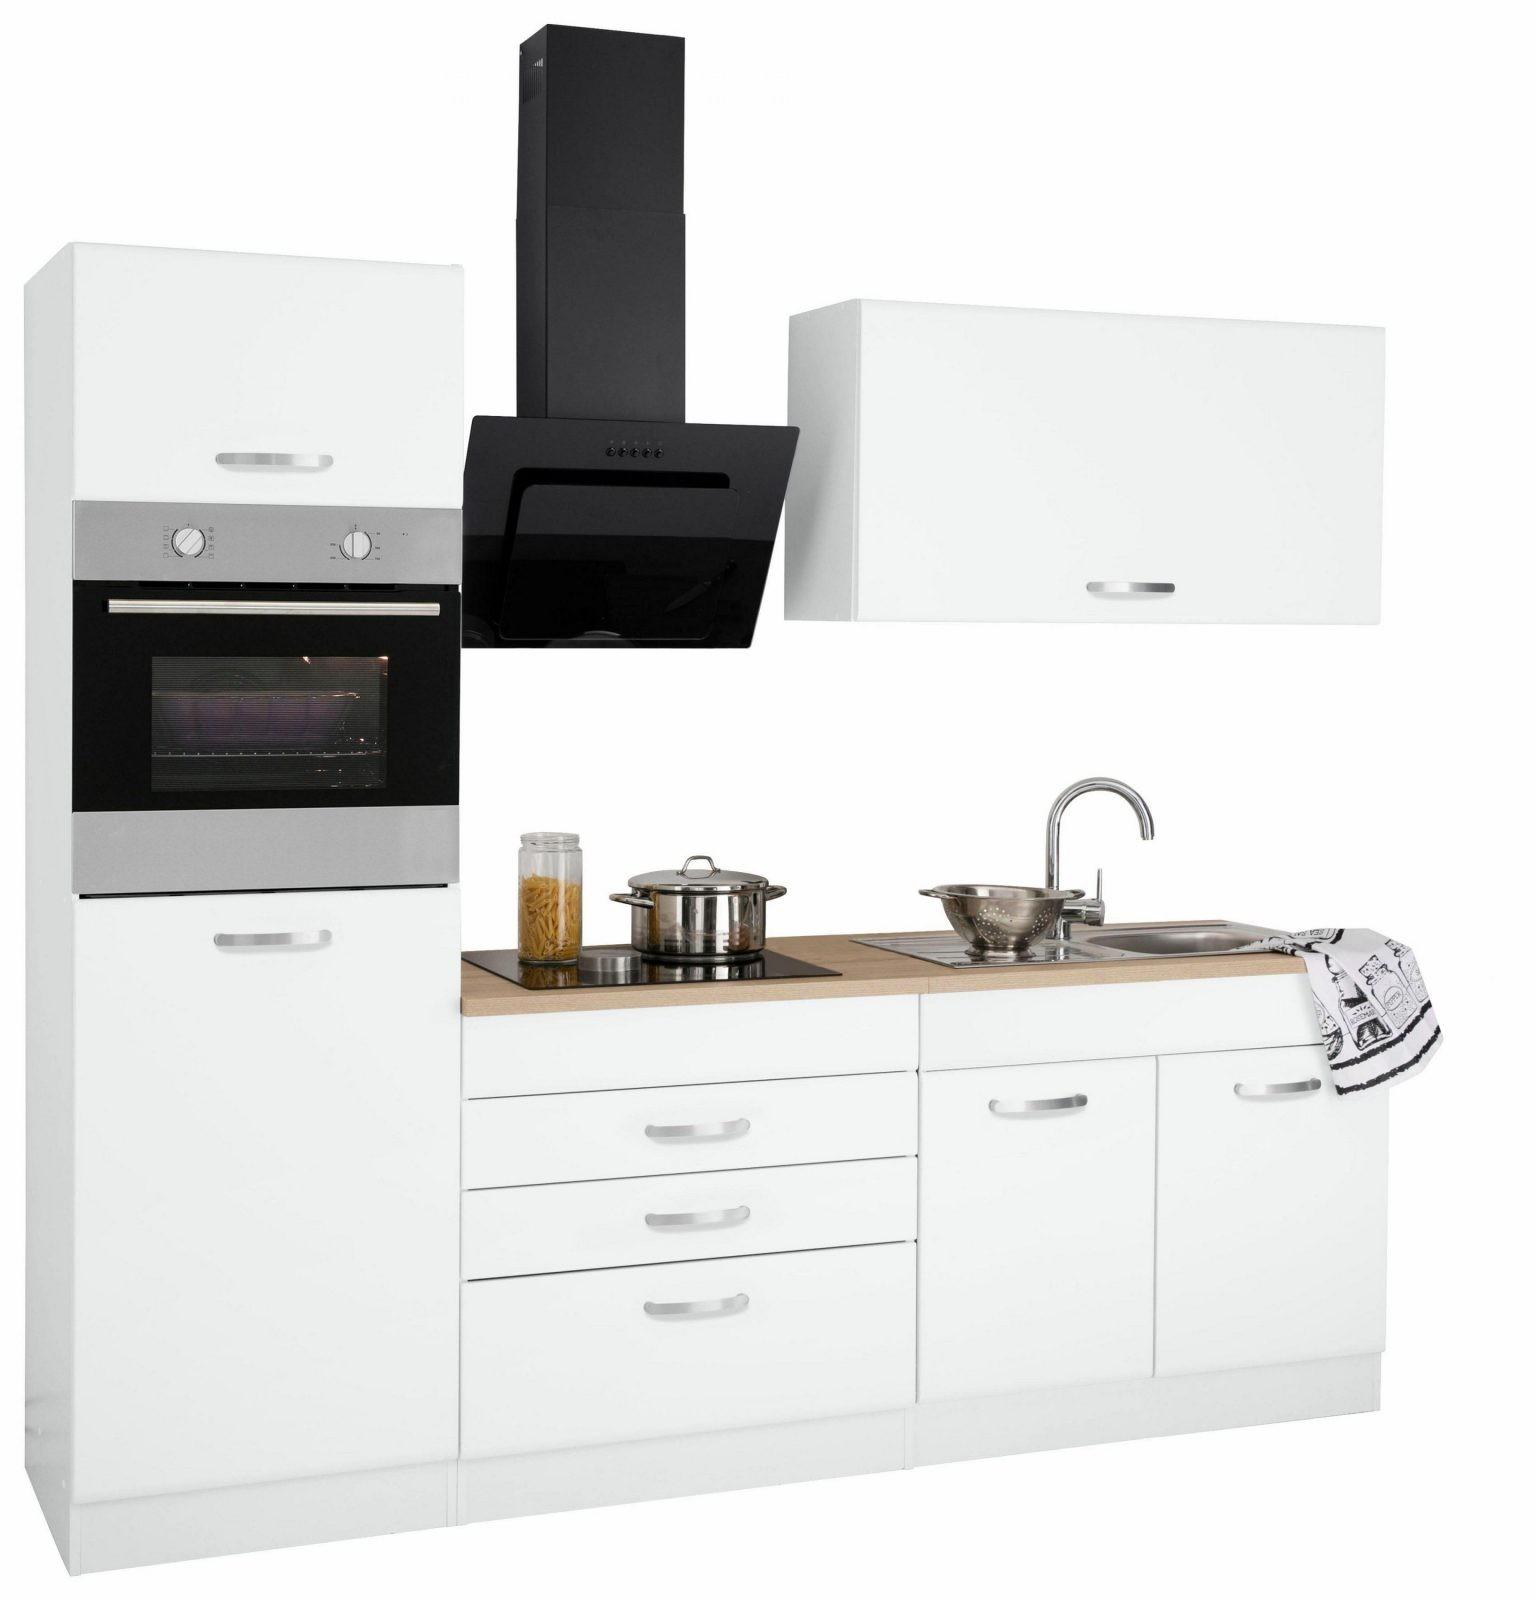 Held Möbel Küchenzeile Mit Egeräten York Breite 240 Cm Bestellen von Küchenzeile 240 Cm Mit Kühlschrank Photo